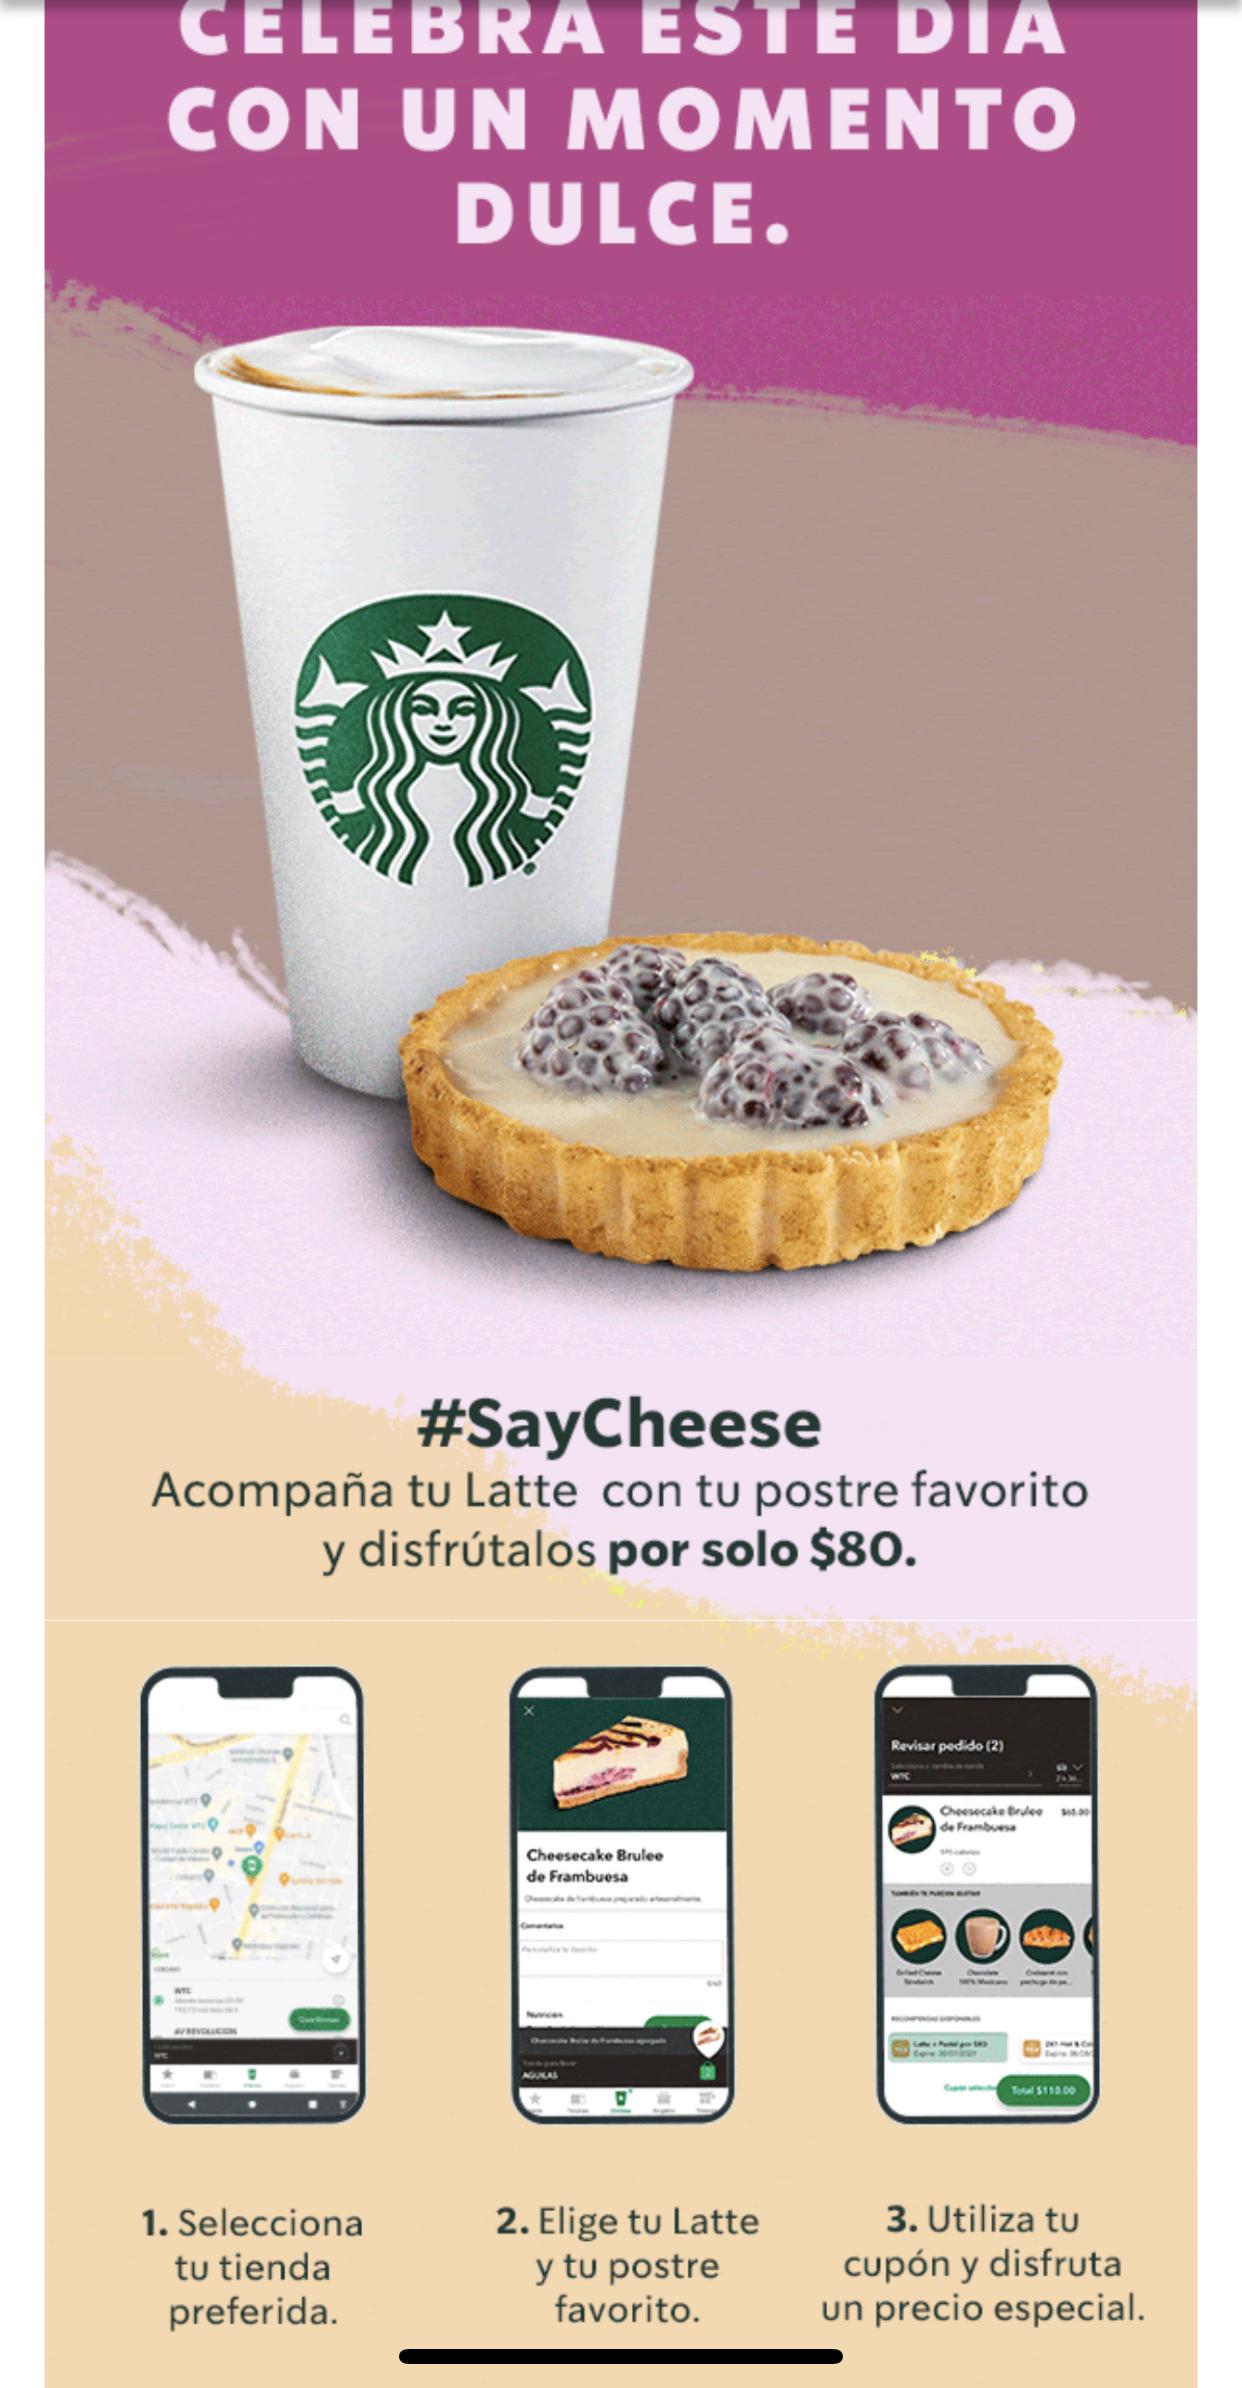 Starbucks, Celebra este día con un momento dulce. Acompaña tu latte con tu postre favorito y disfrútalos por solo $80